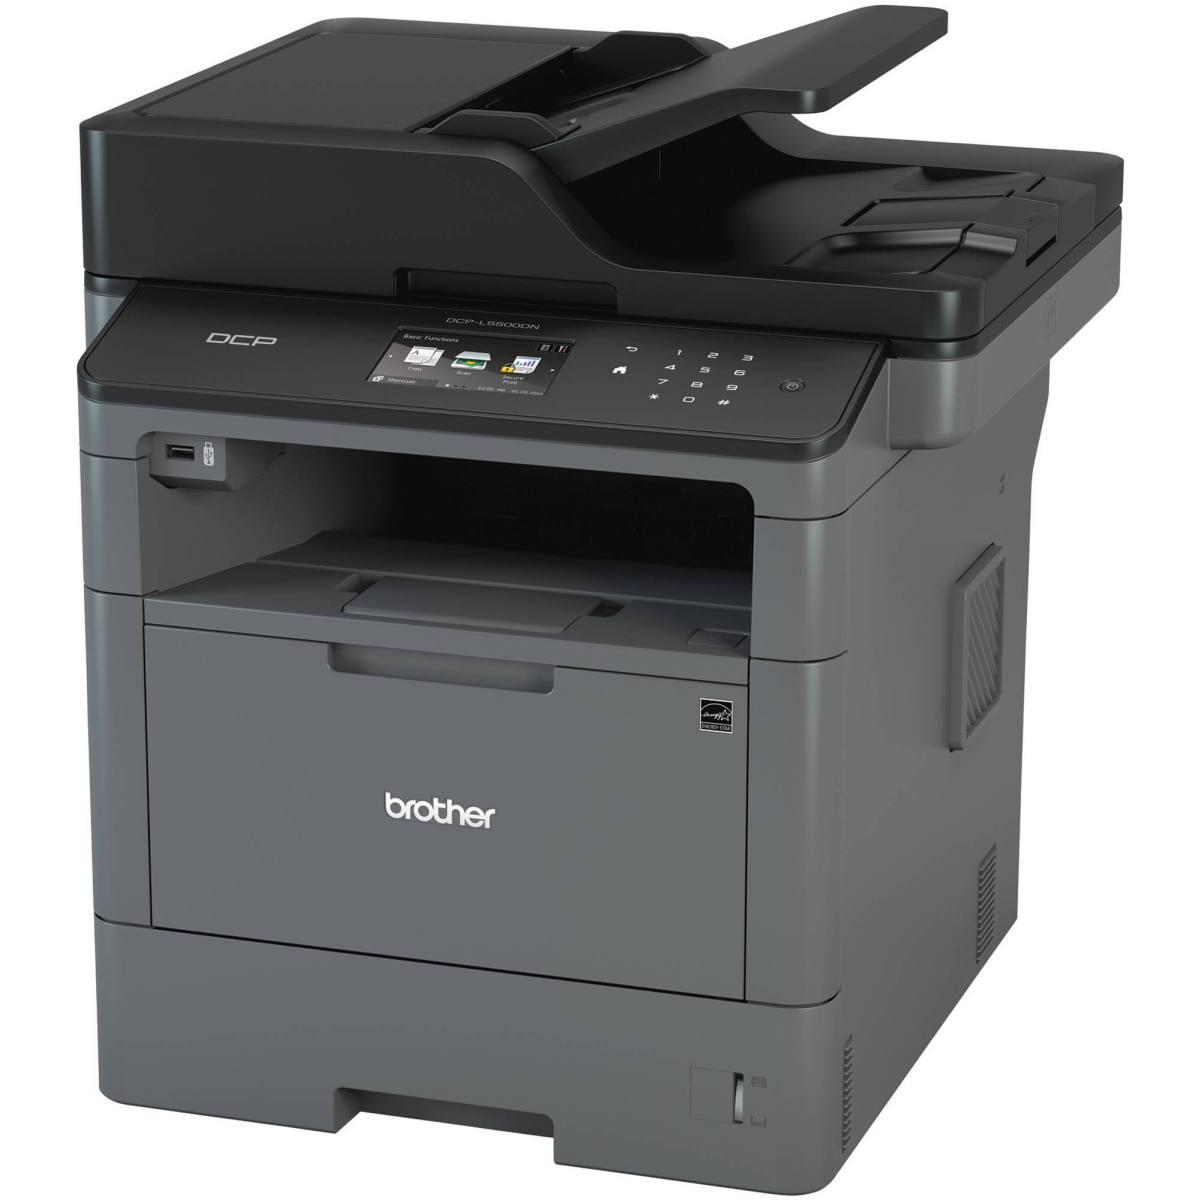 BROTHER MFC-L5700DN tiskárna, kopírka, skener, fax, síť, duplexní tisk,